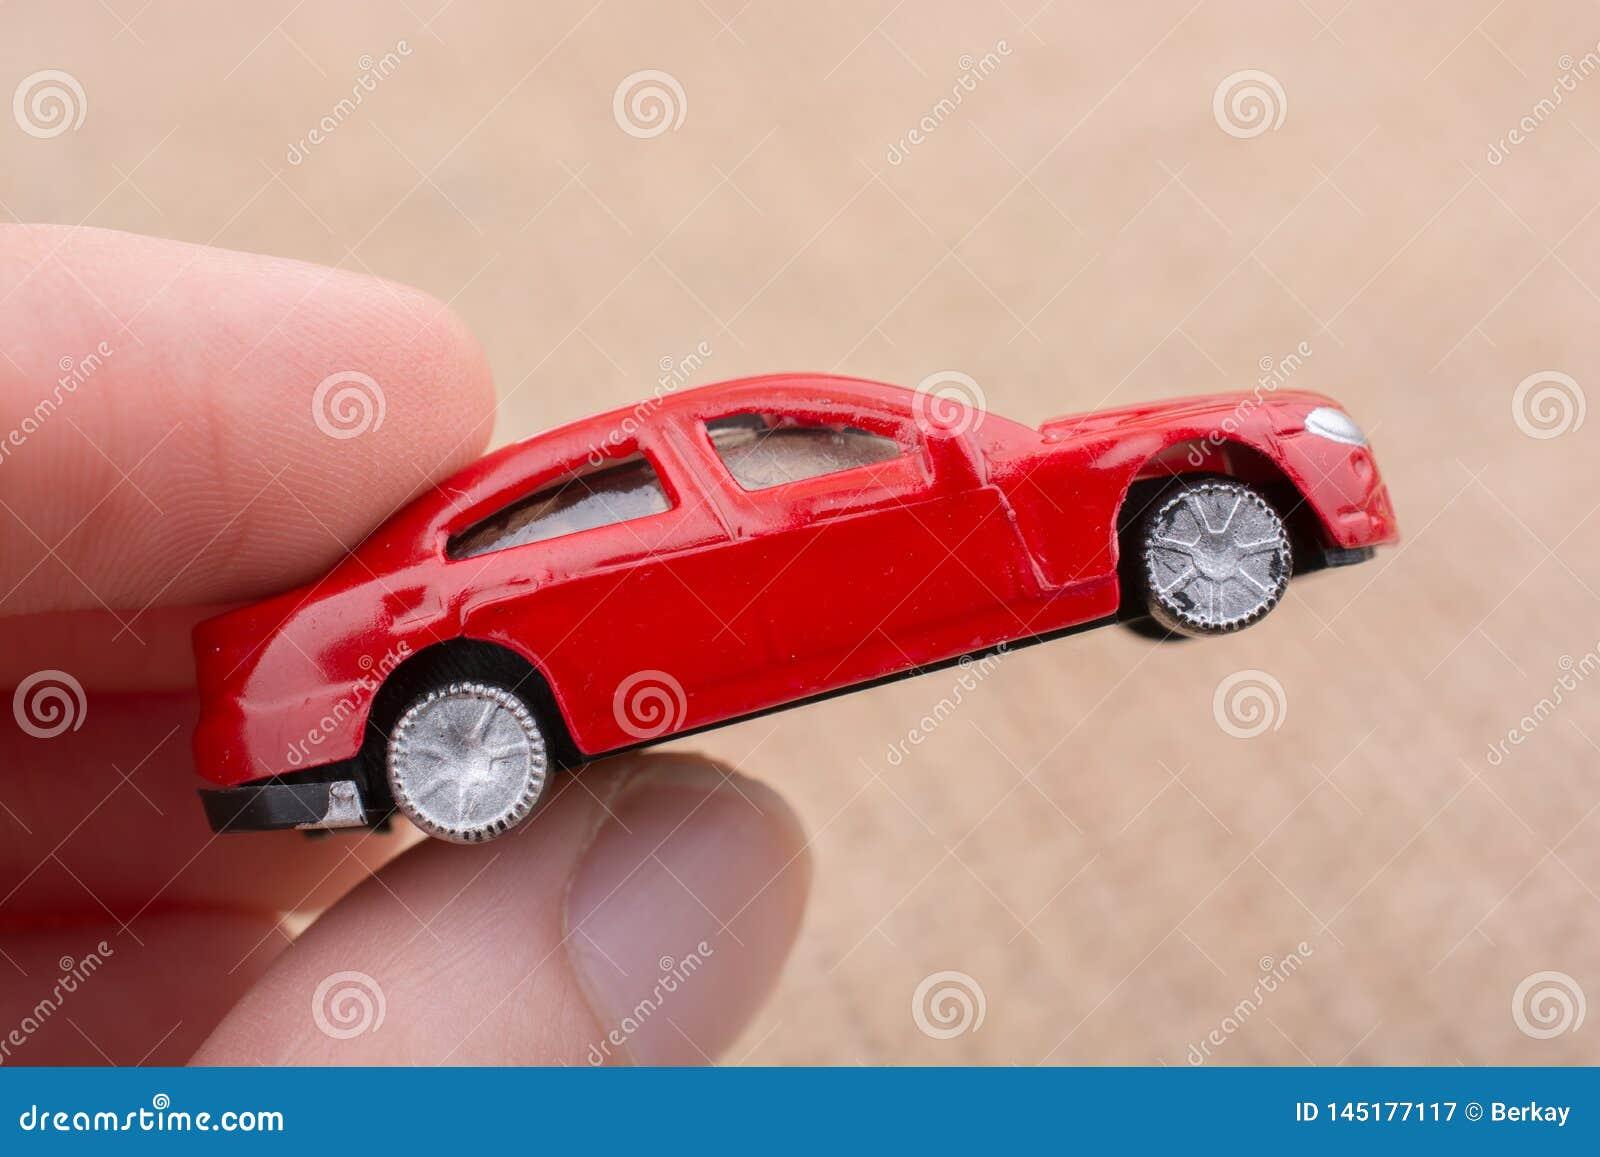 Αυτοκίνητο παιχνιδιών ως συσκευές μεταφορών υπό εξέταση